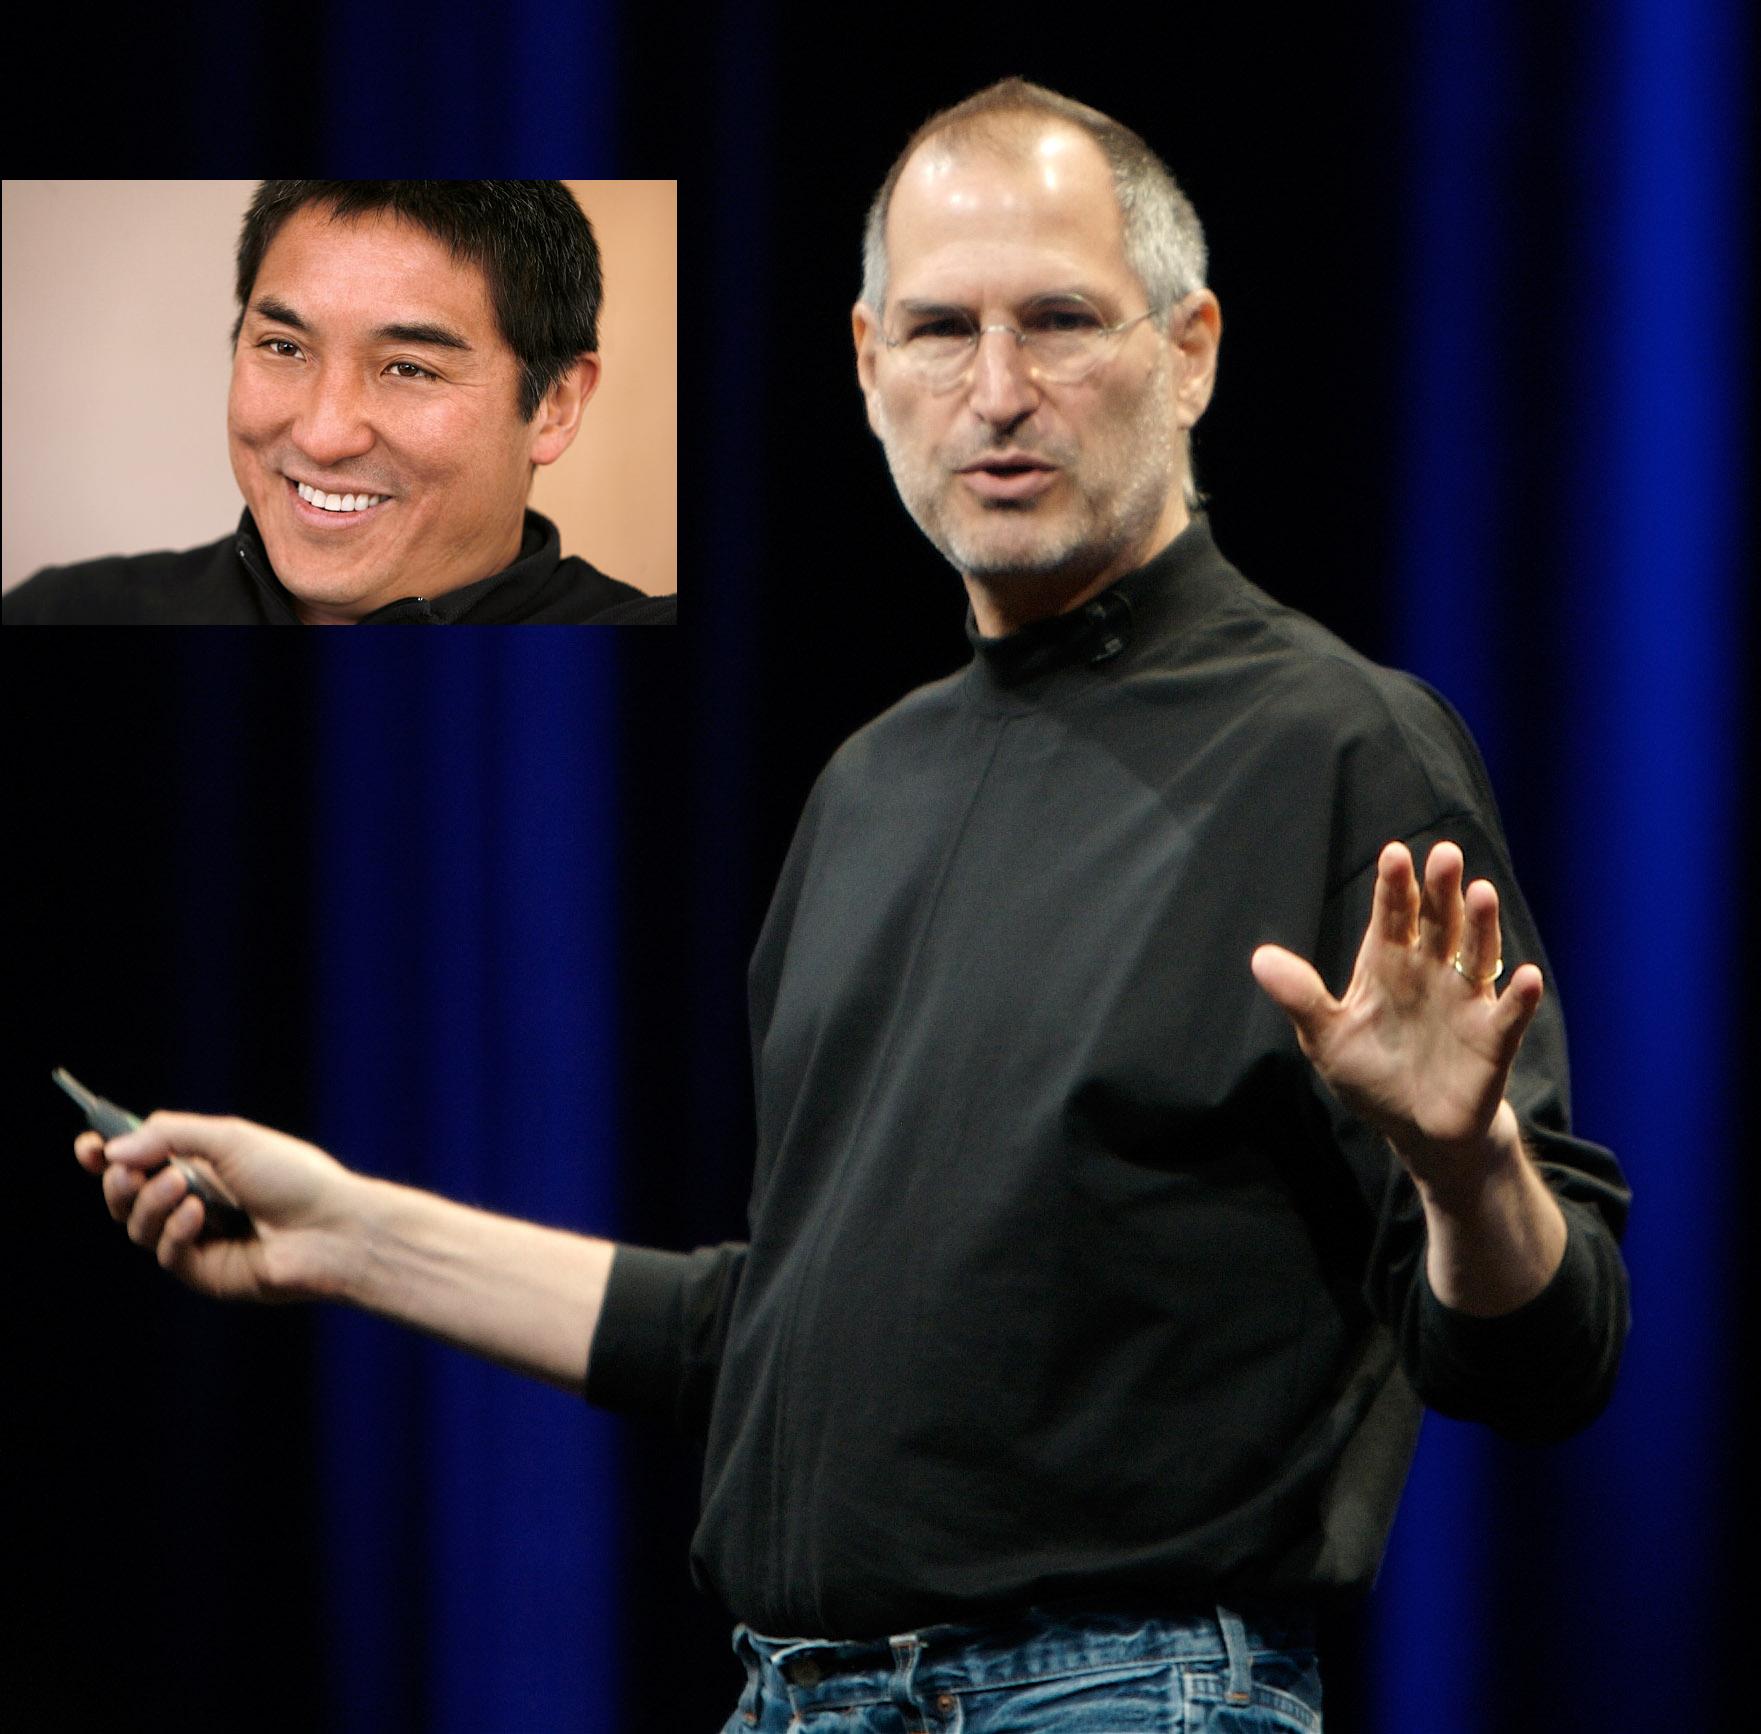 Lecciones que Guy Kawasaki aprendió de Steve Jobs http://www.een.edu/blog/lecciones-que-guy-kawasaki-aprendio-de-steve-jobs.html vía @eenbs